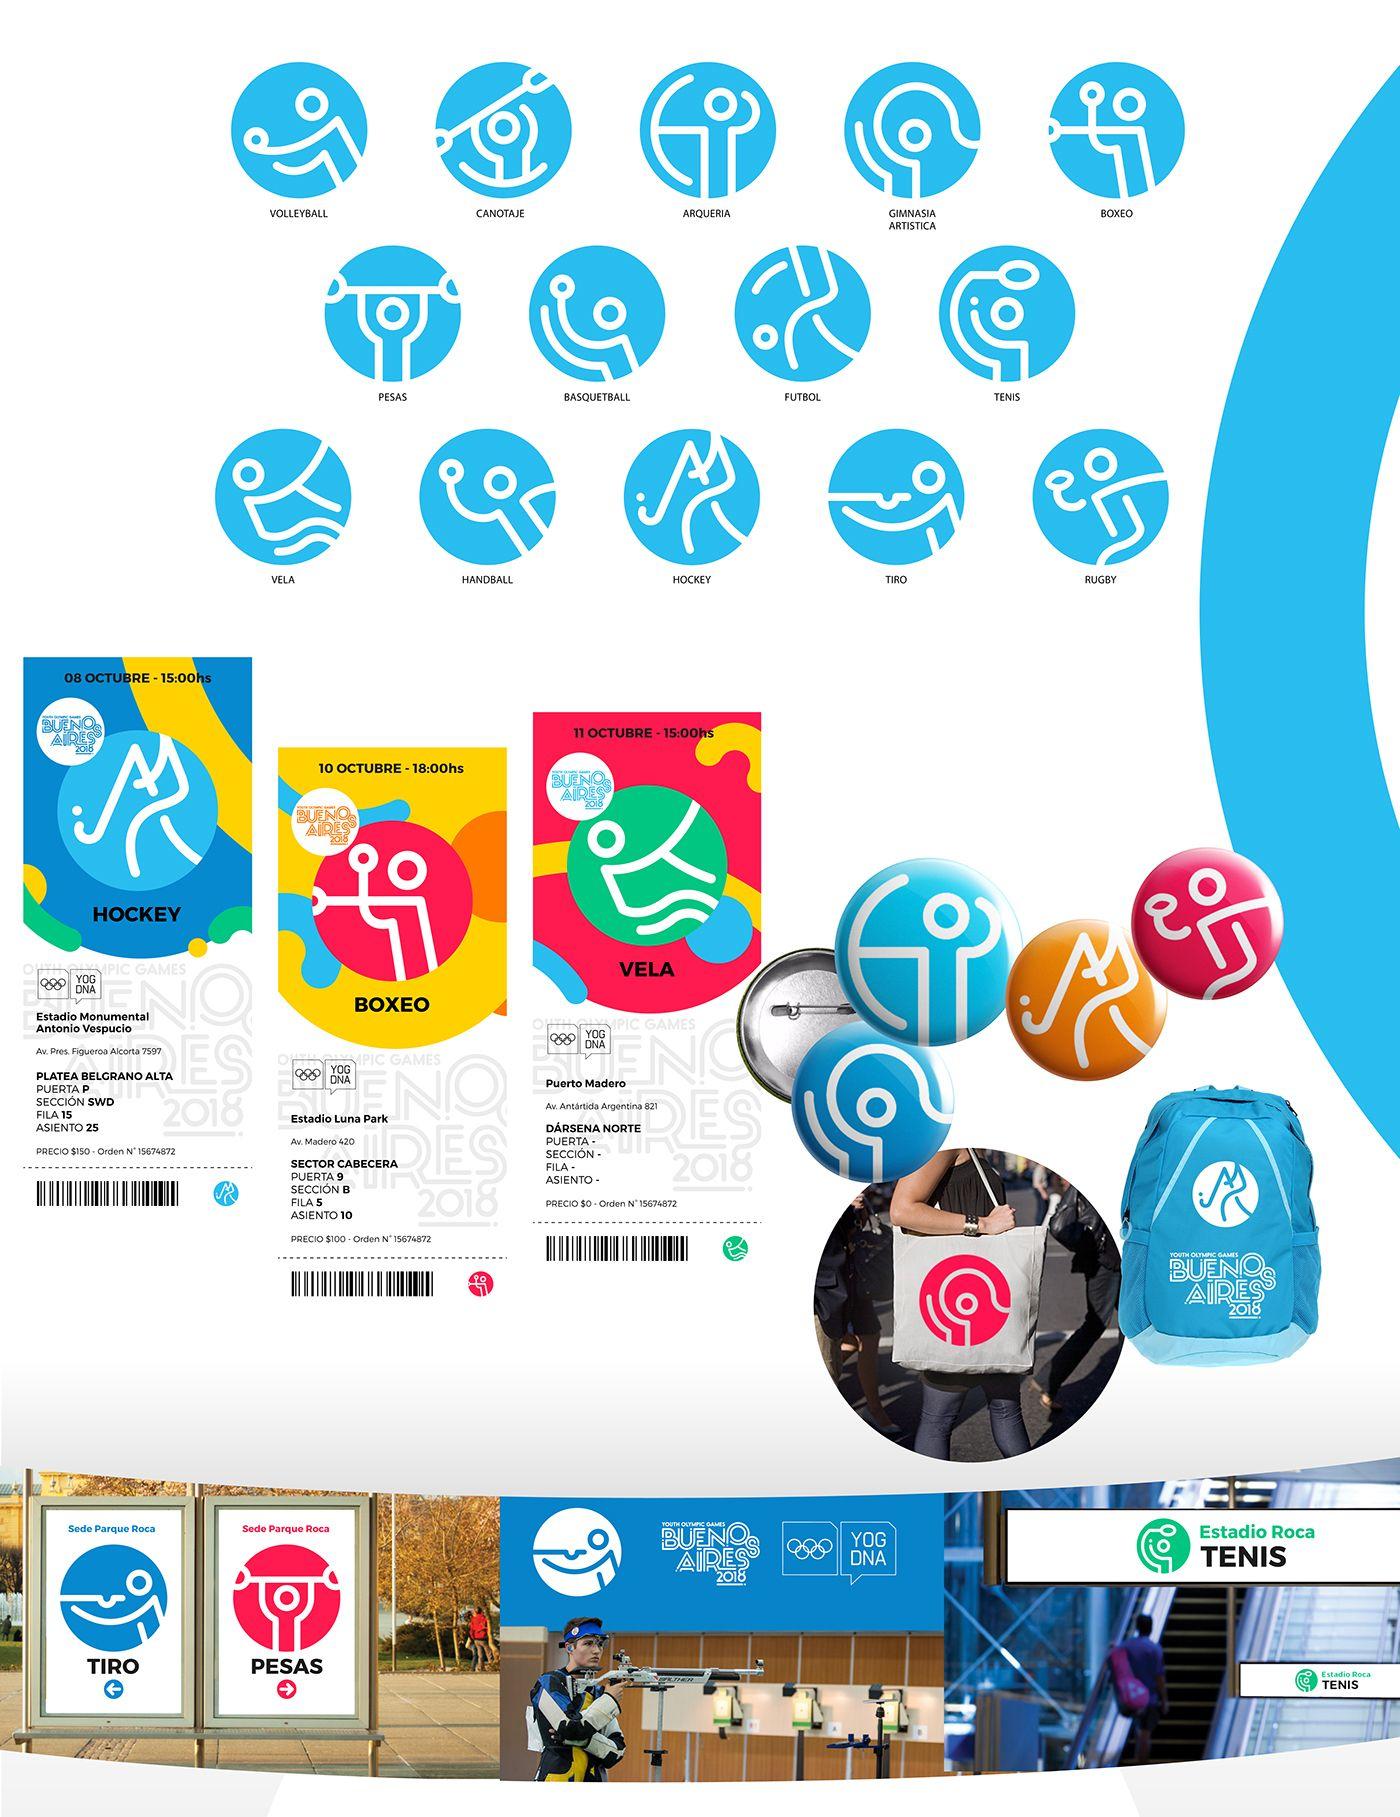 Juegos Olimpicos De La Juventud Buenos Aires 2018 On Behance Icons